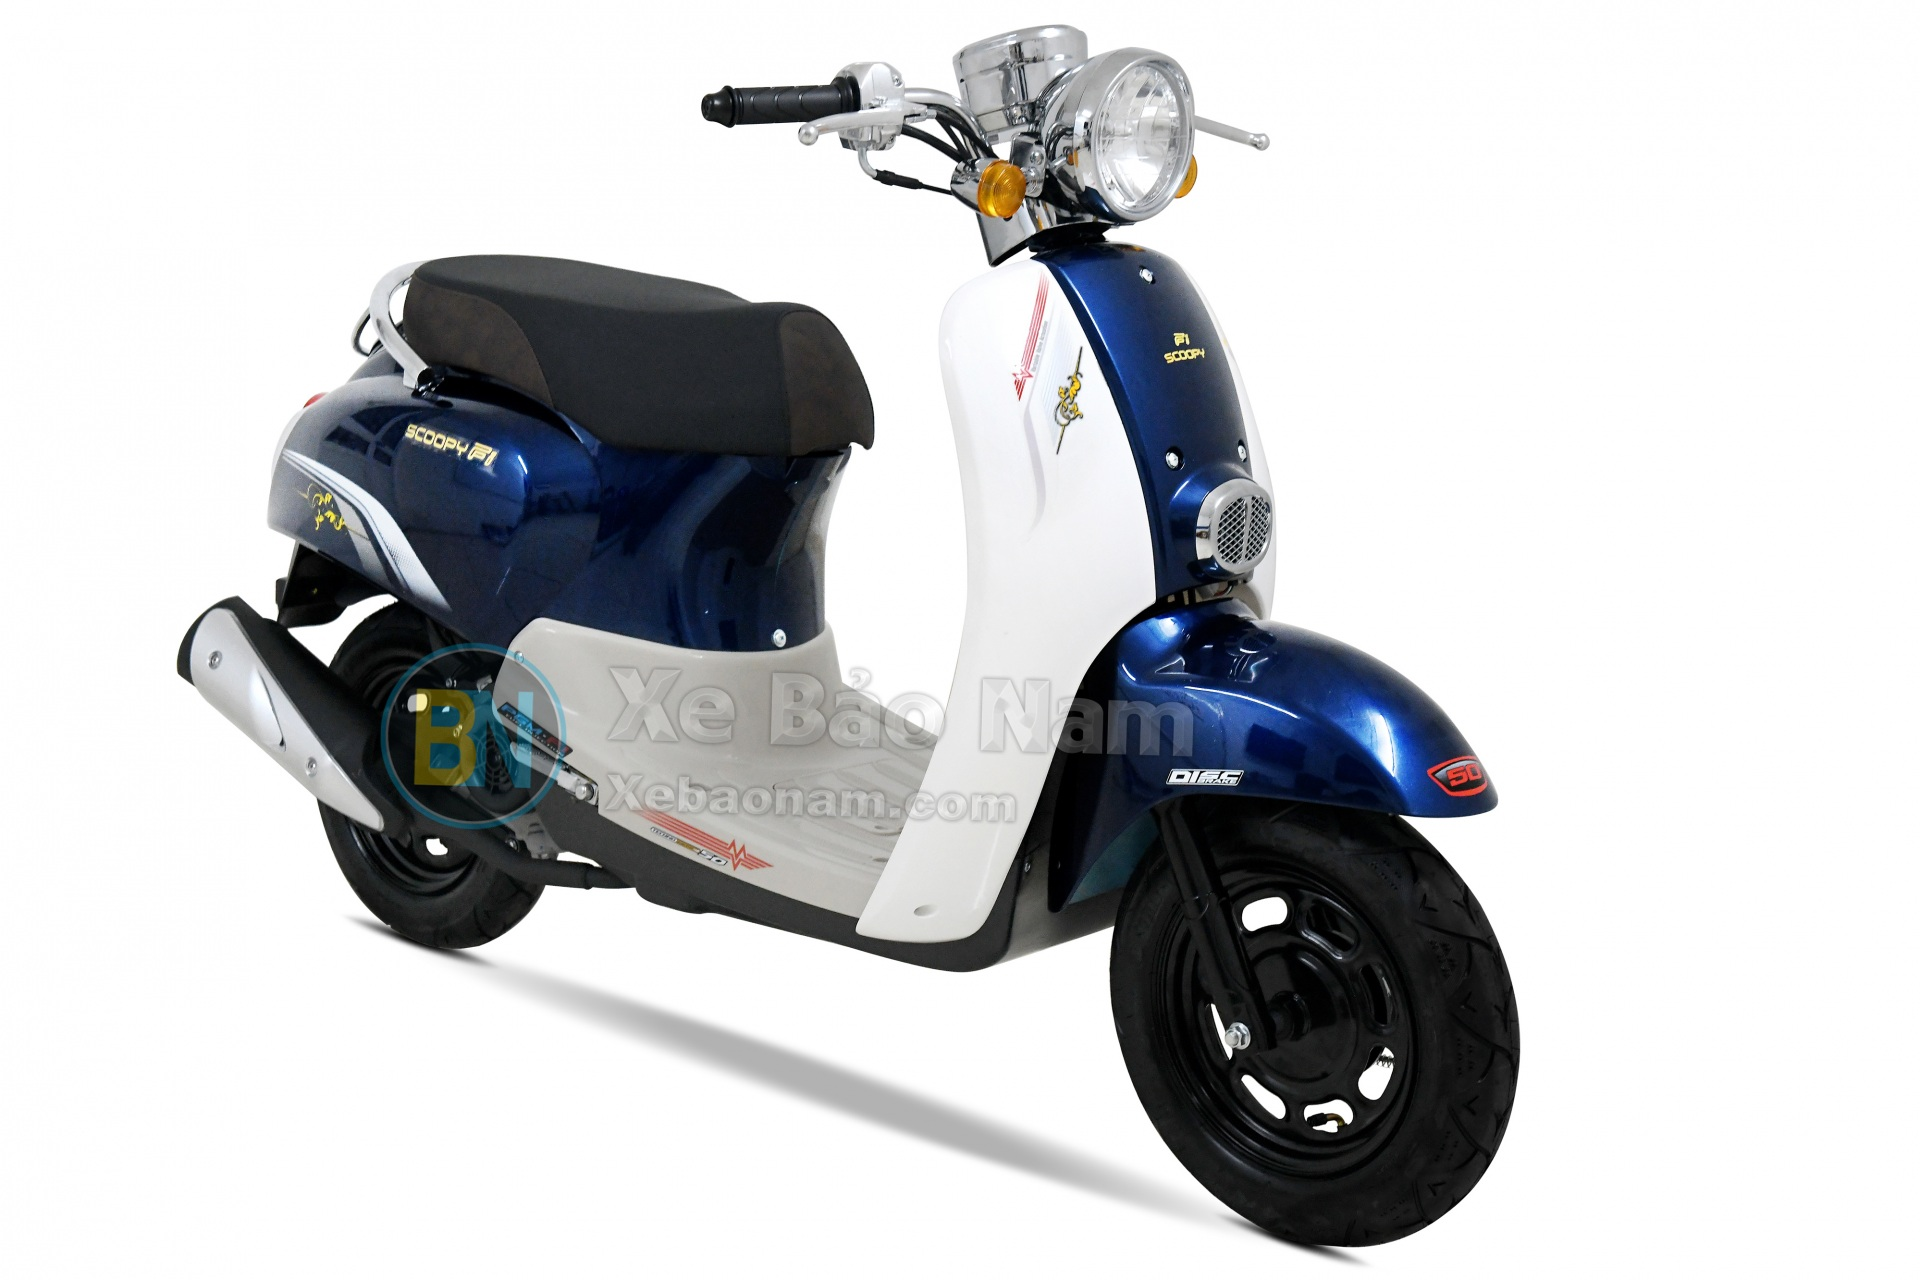 xe-ga-50cc-crea-honda